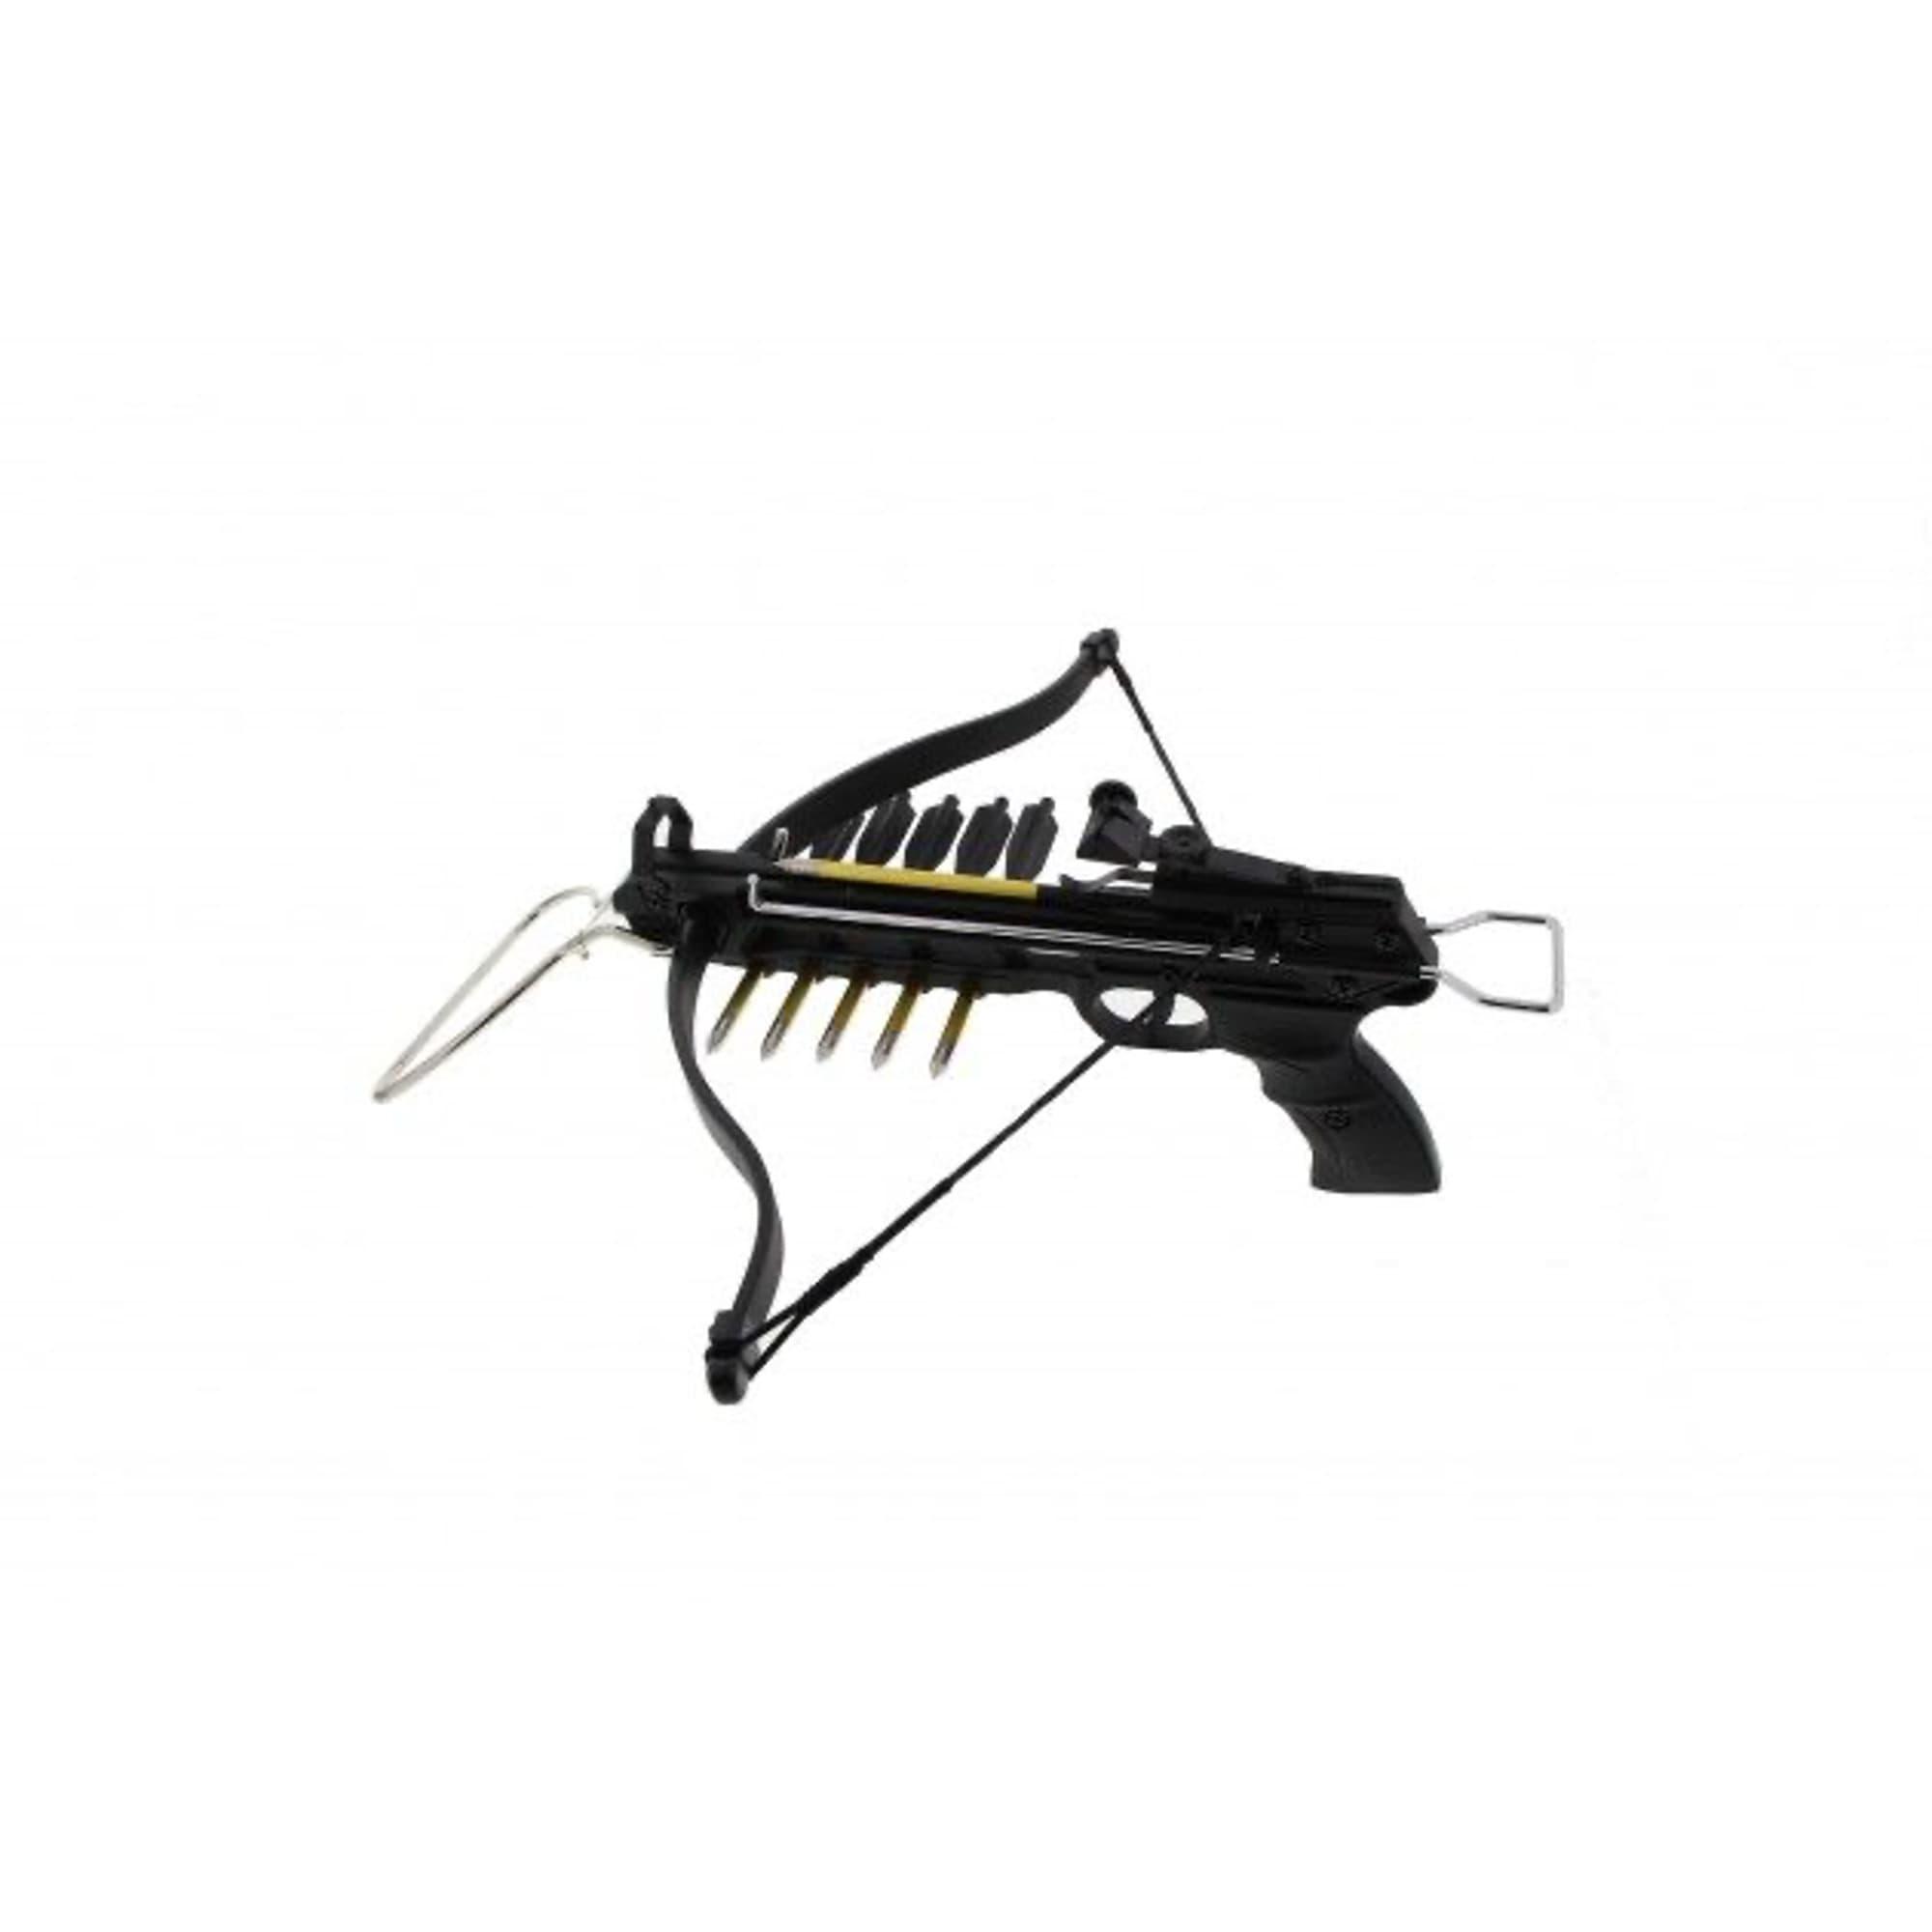 Pistolenarmbrust Viper 80 lbs